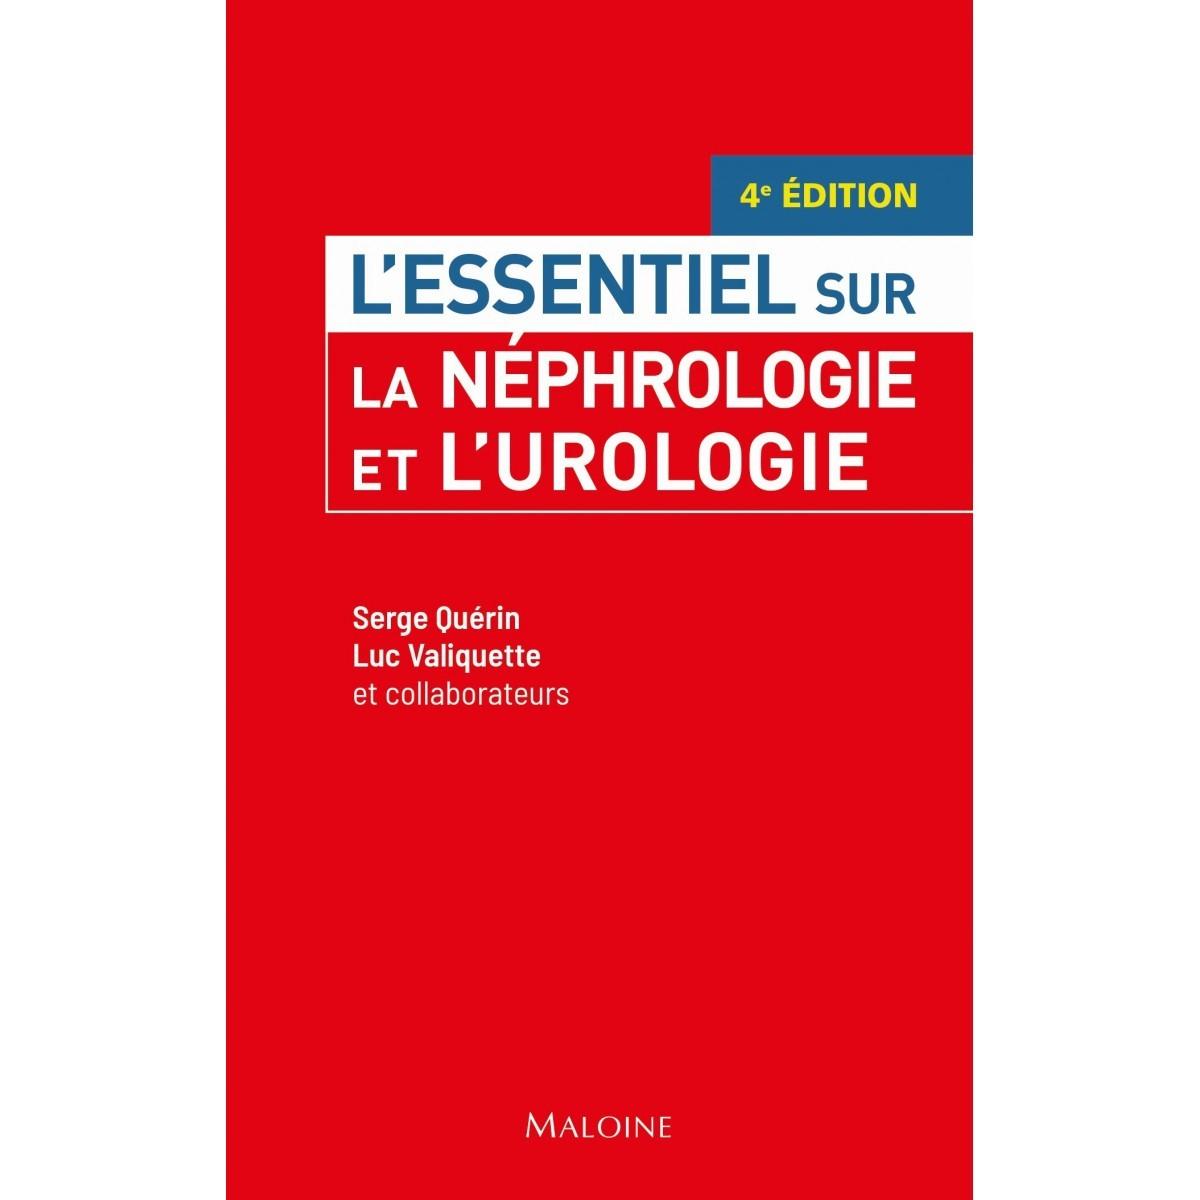 L'essentiel sur la néphrologie et l'urologie